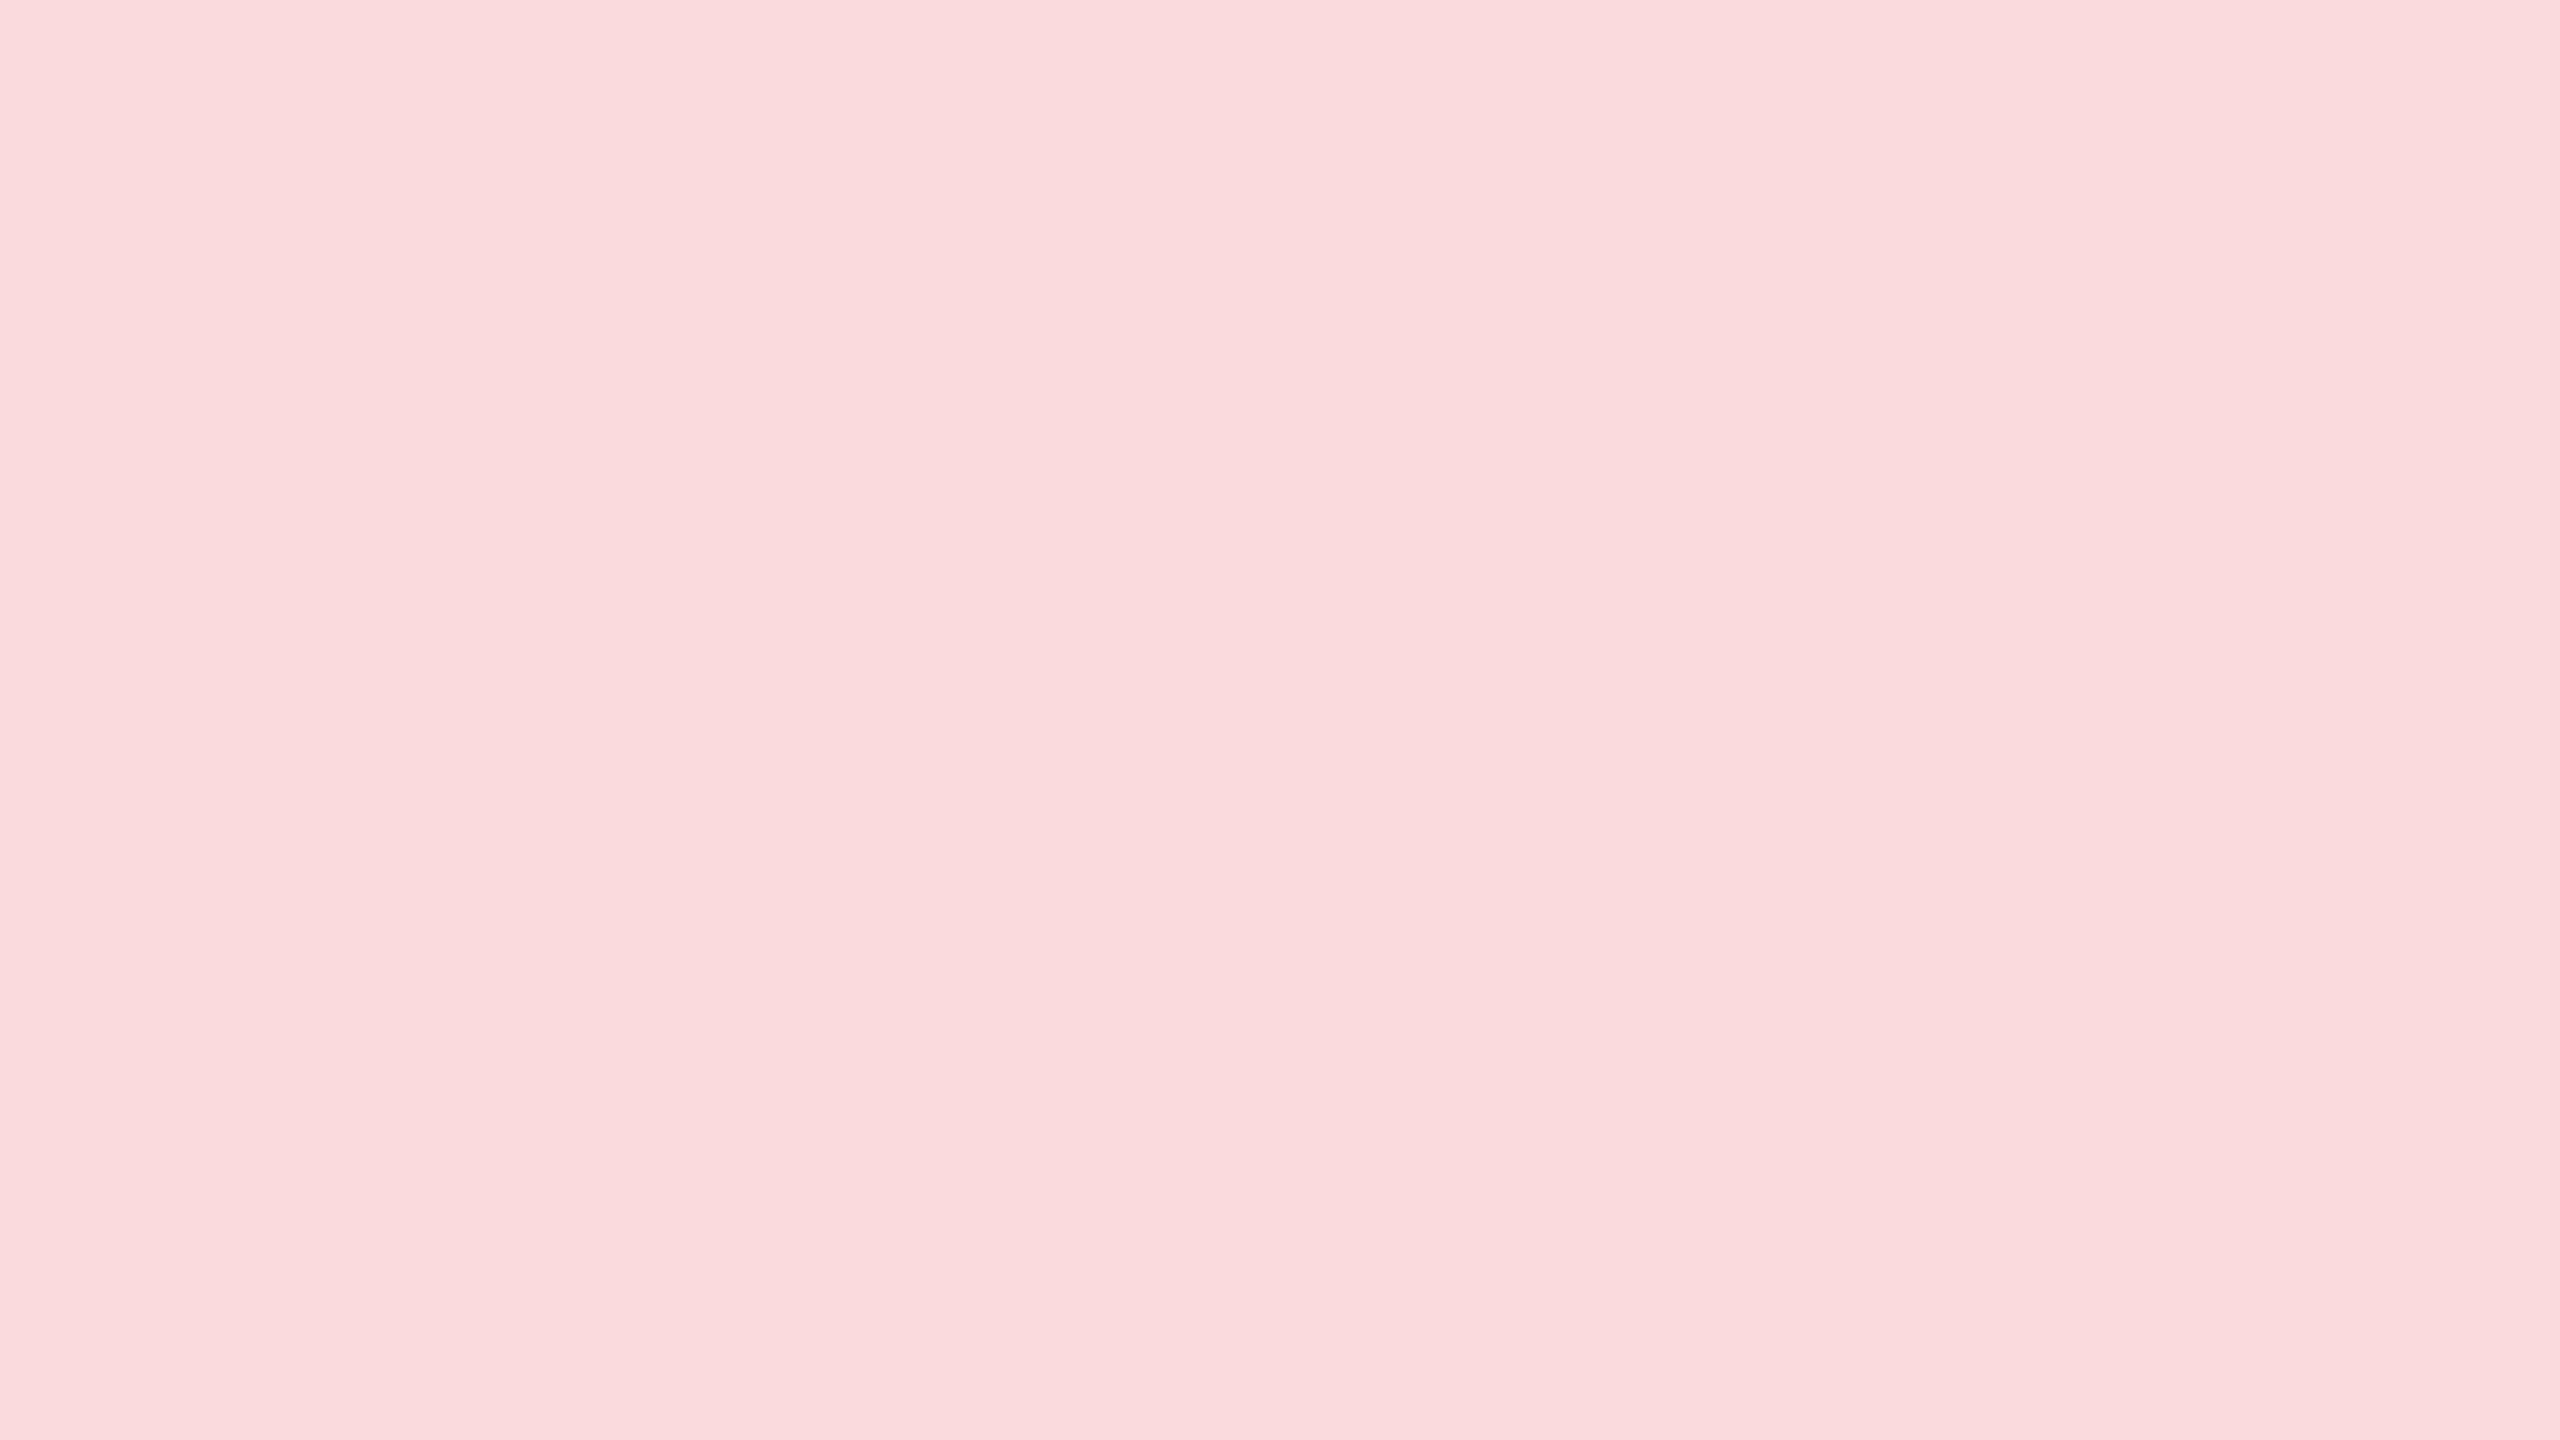 Màu hồng trơn đẹp